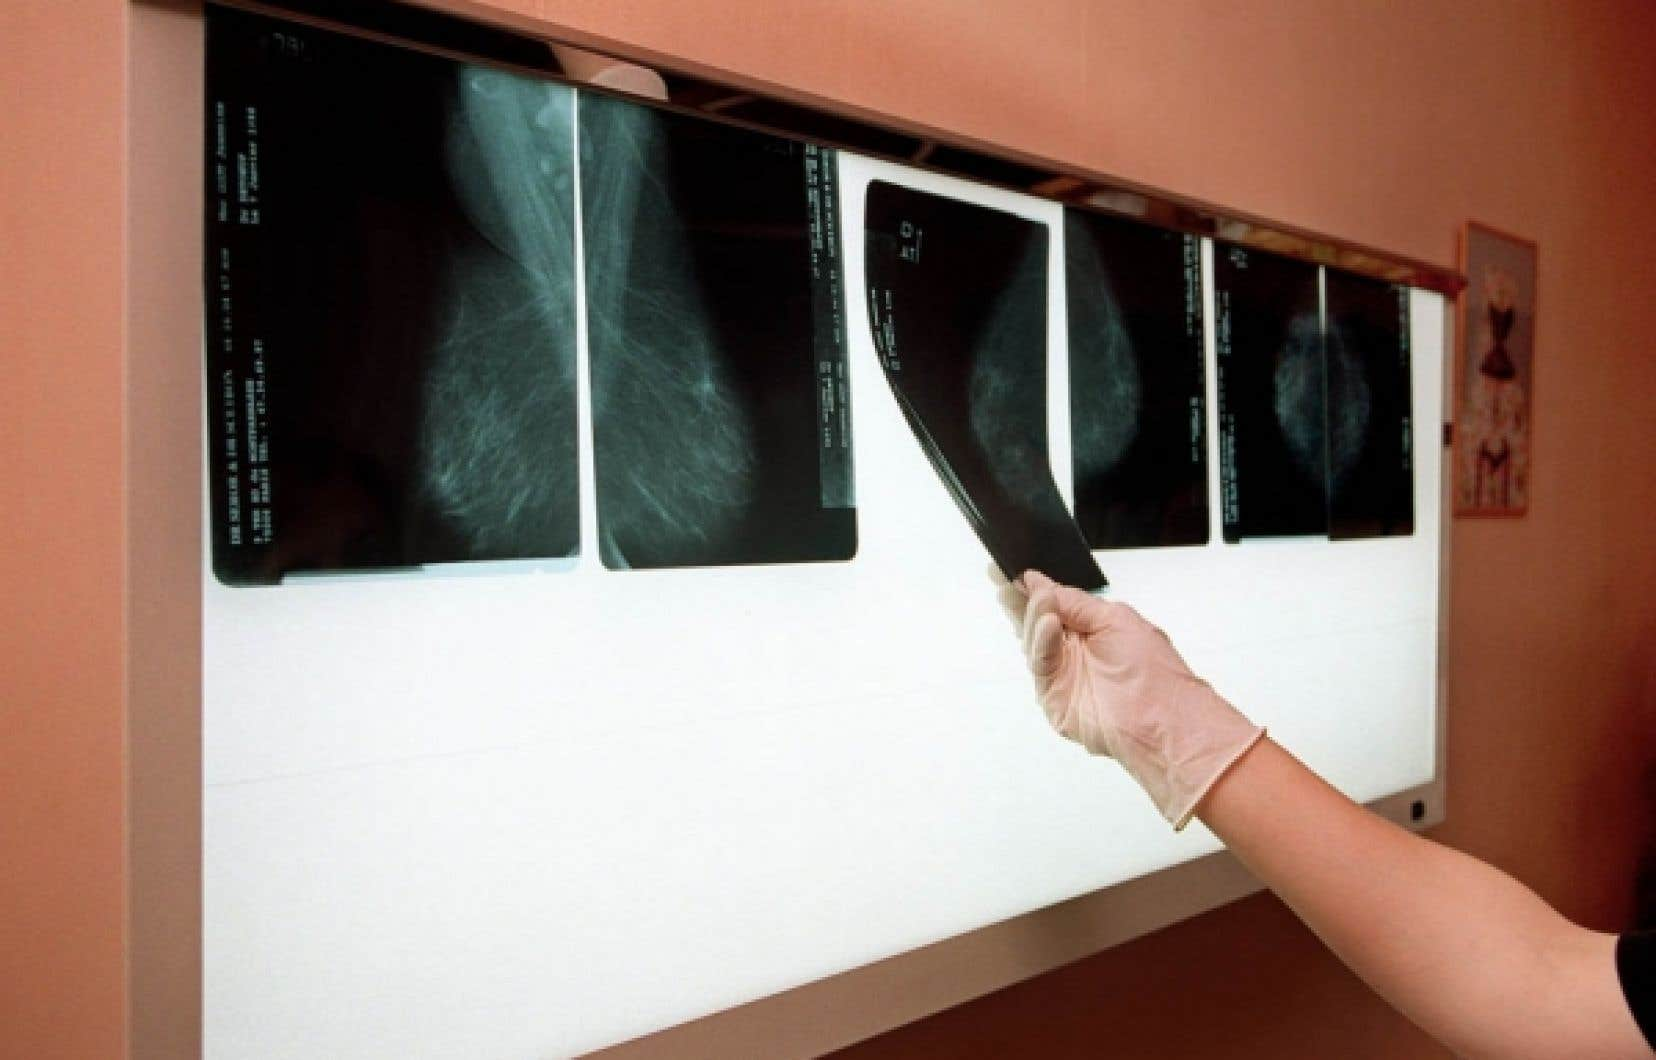 Un médecin examine les radiographies du sein d'une patiente afin de détecter un éventuel cancer.